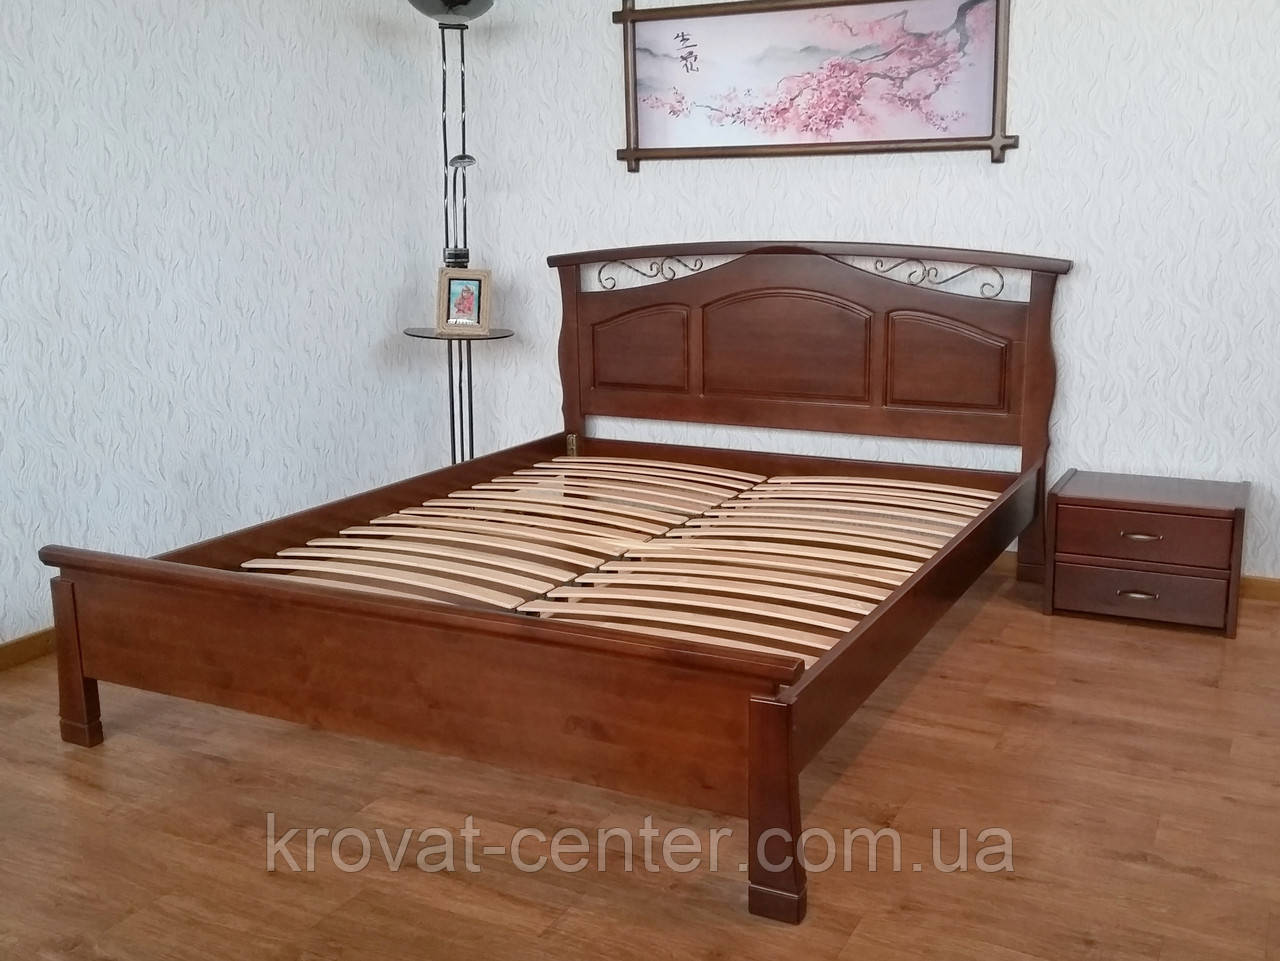 """Деревянная двуспальная кровать для спальни """"Марго"""""""